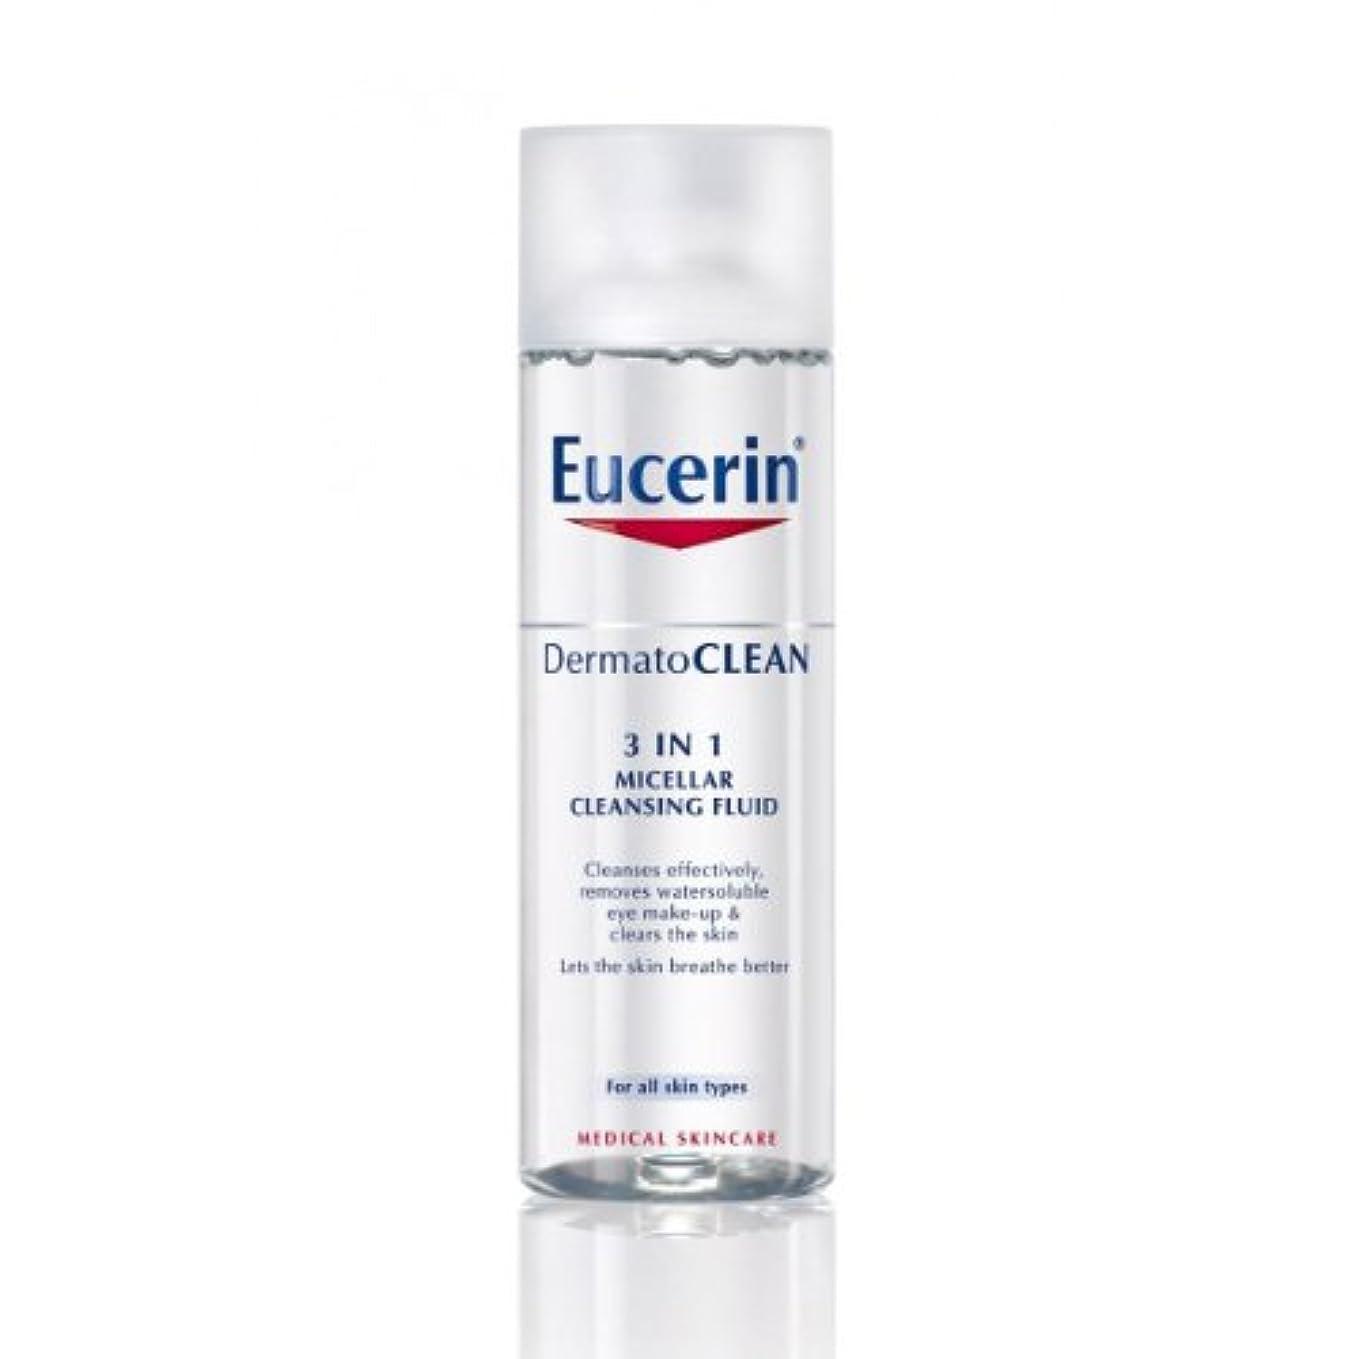 アークよろめく平行Eucerin Dermatoclean 3in1 Micellar Cleansing Fluid 200ml [並行輸入品]